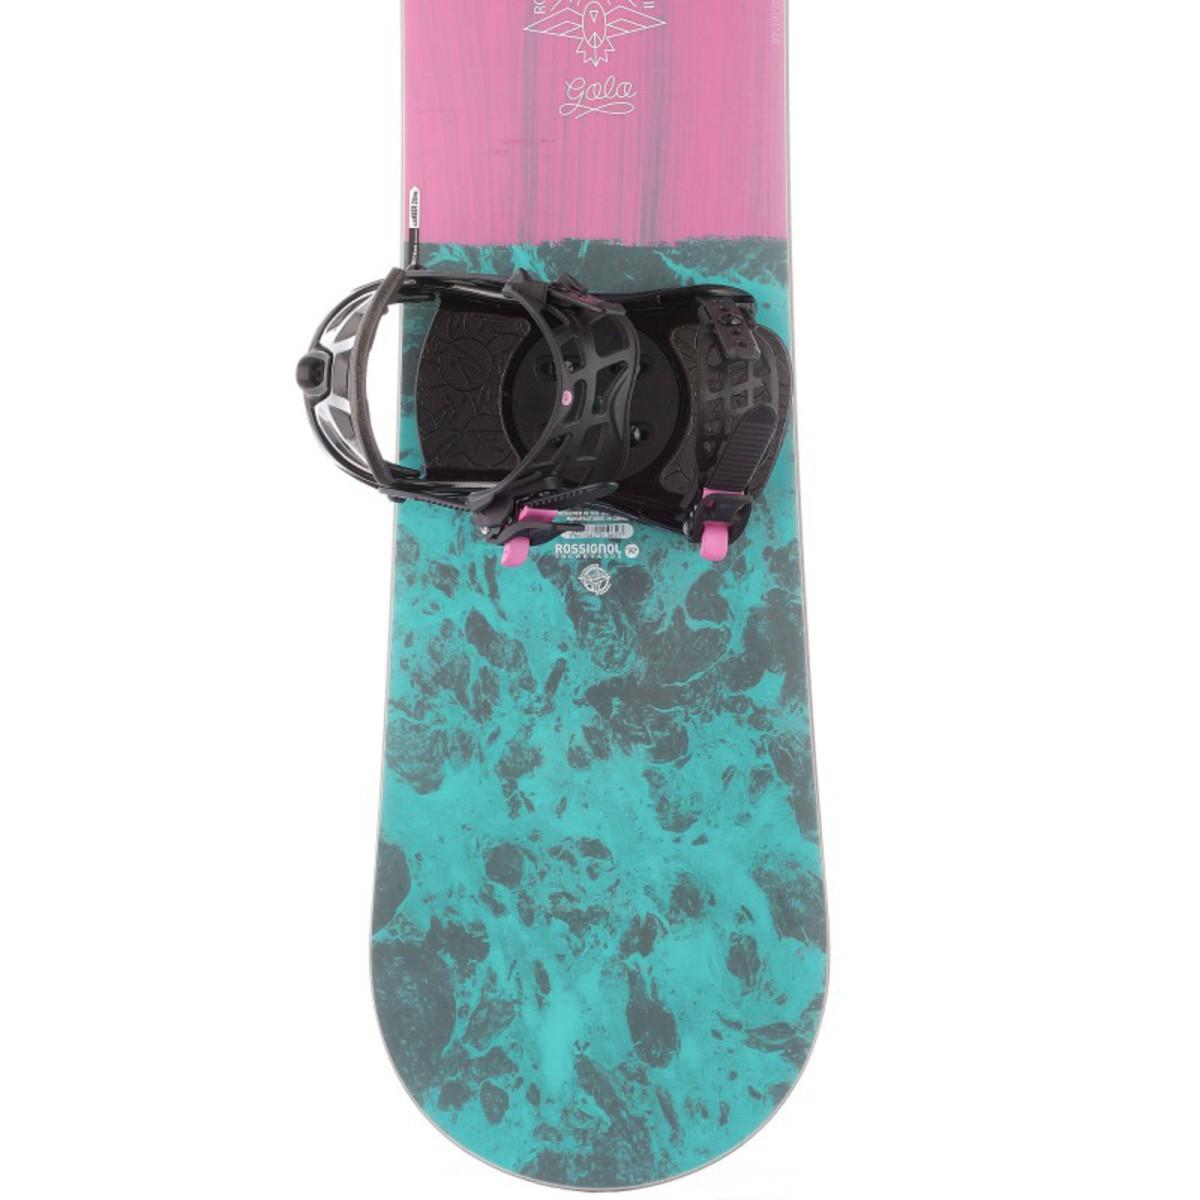 Bild 5 von ROSSIGNOL Snowboard-Set Allmountain Gala Damen rosa/blau, Größe: 146 CM